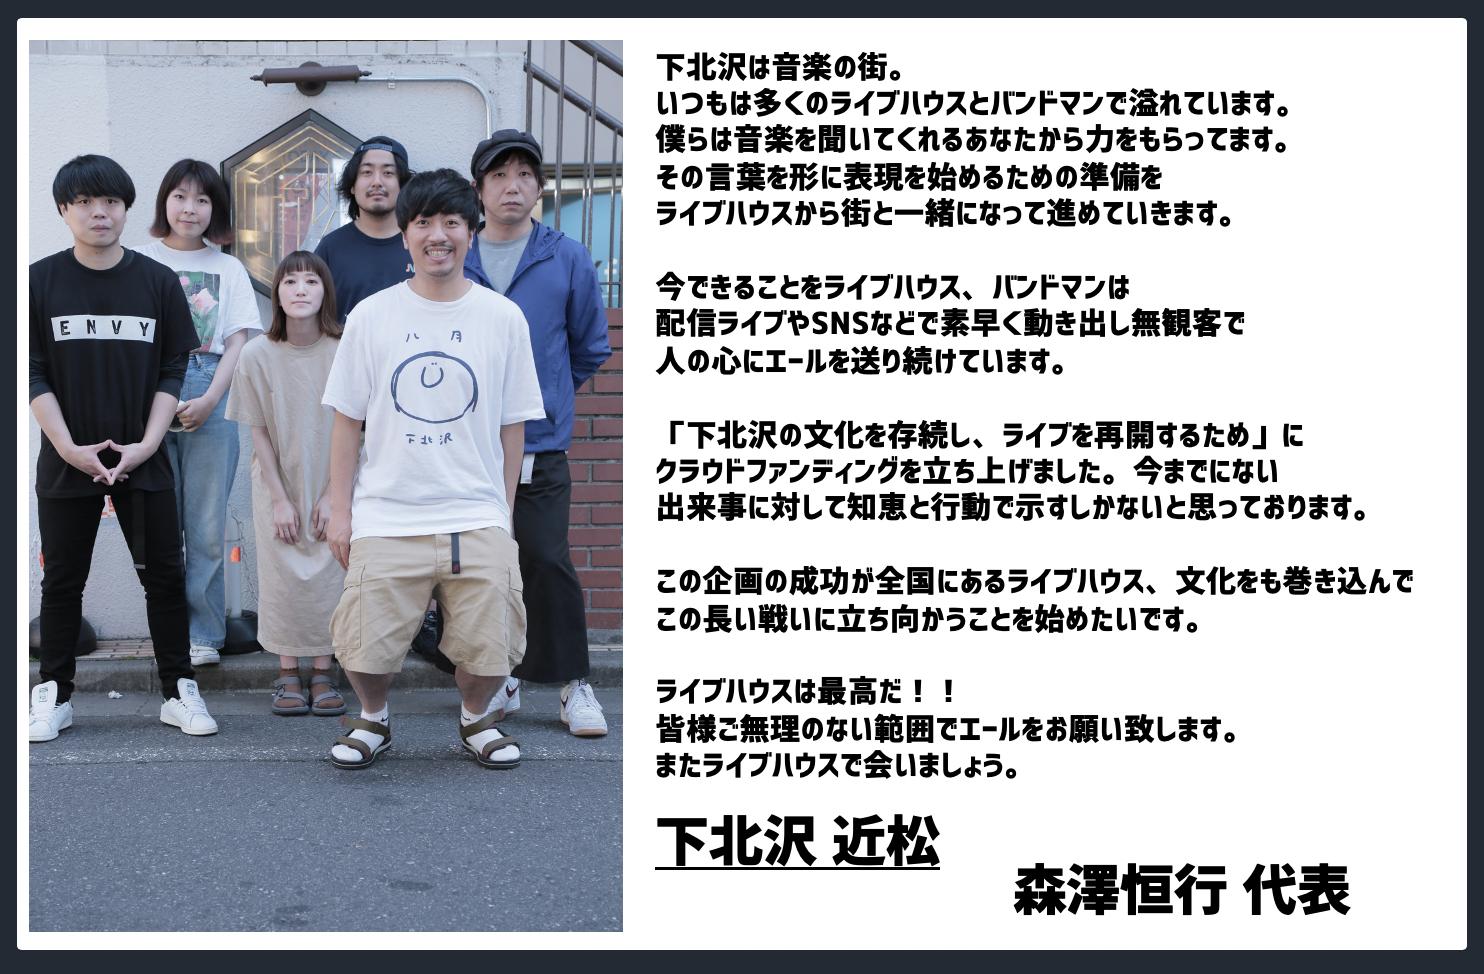 スクリーンショット_2020-05-29_20.21.07.png